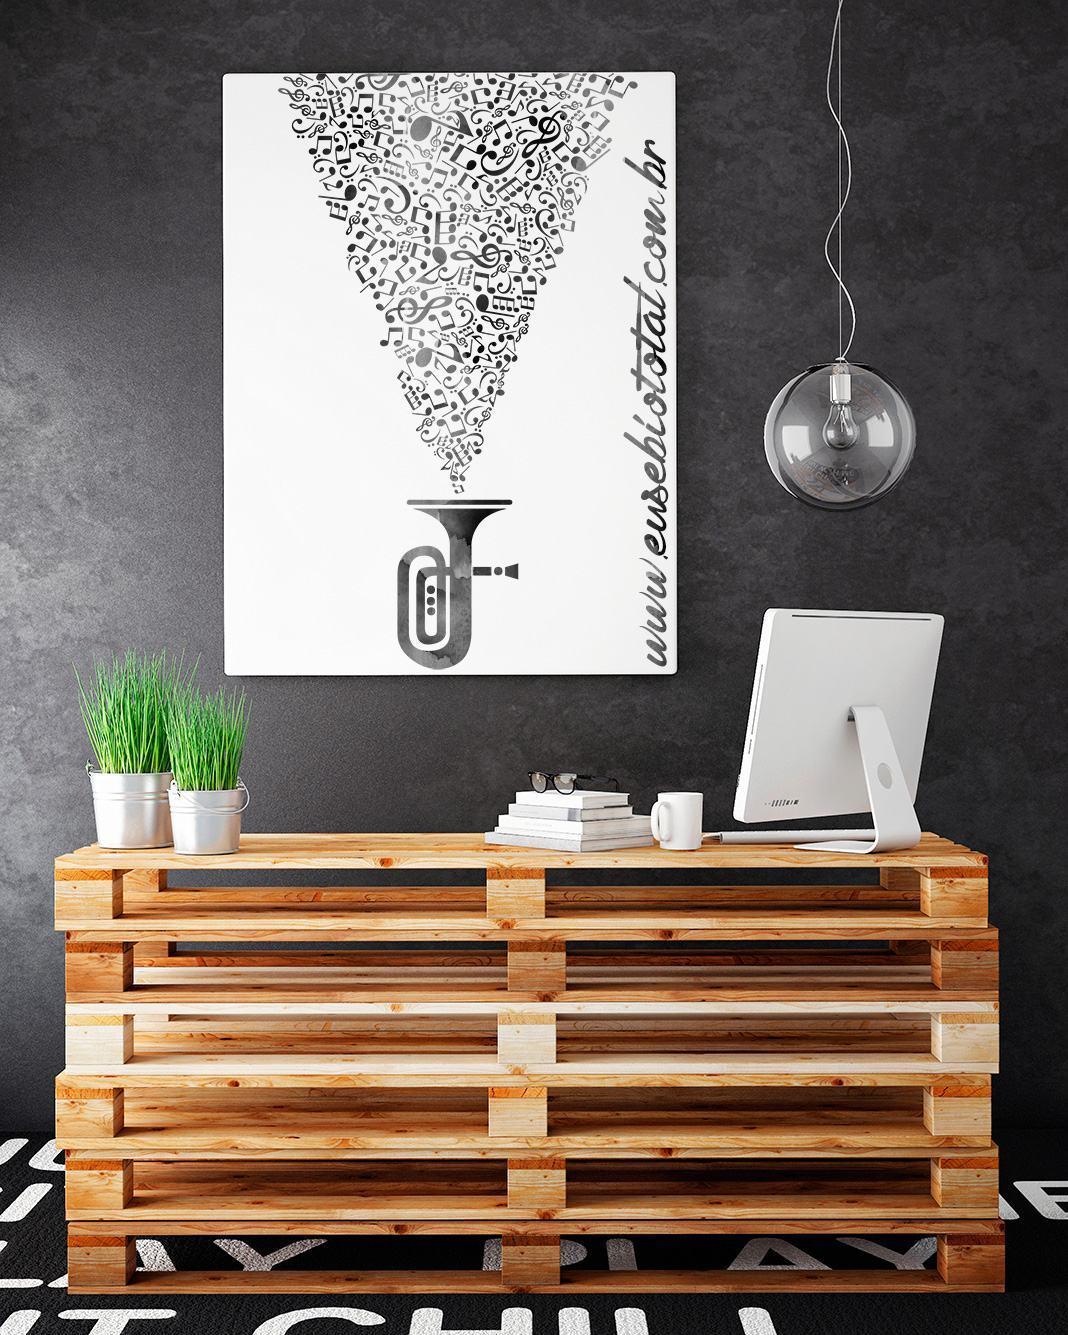 #753C1E Imagem 40 – Utilize como um revestimento de parede para criar um  1068x1335 px Banheiros Montados Simples 645